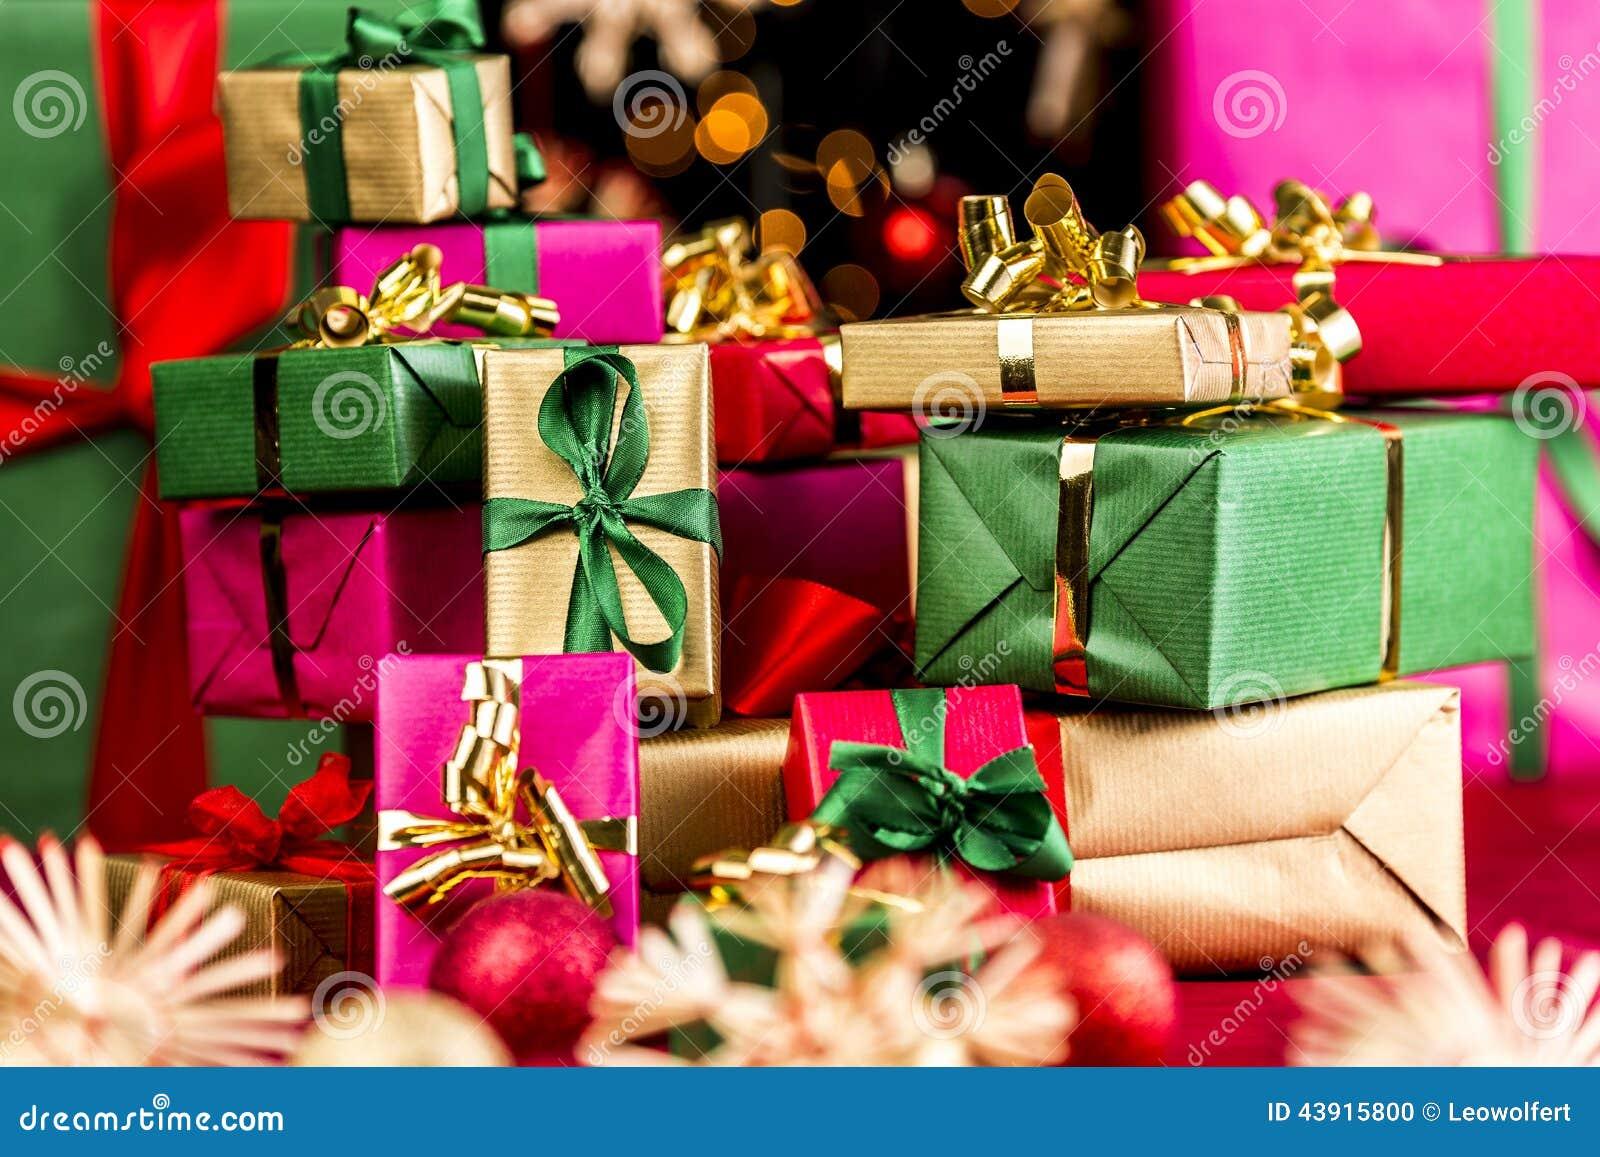 stack of xmas presents - Xmas Gifts